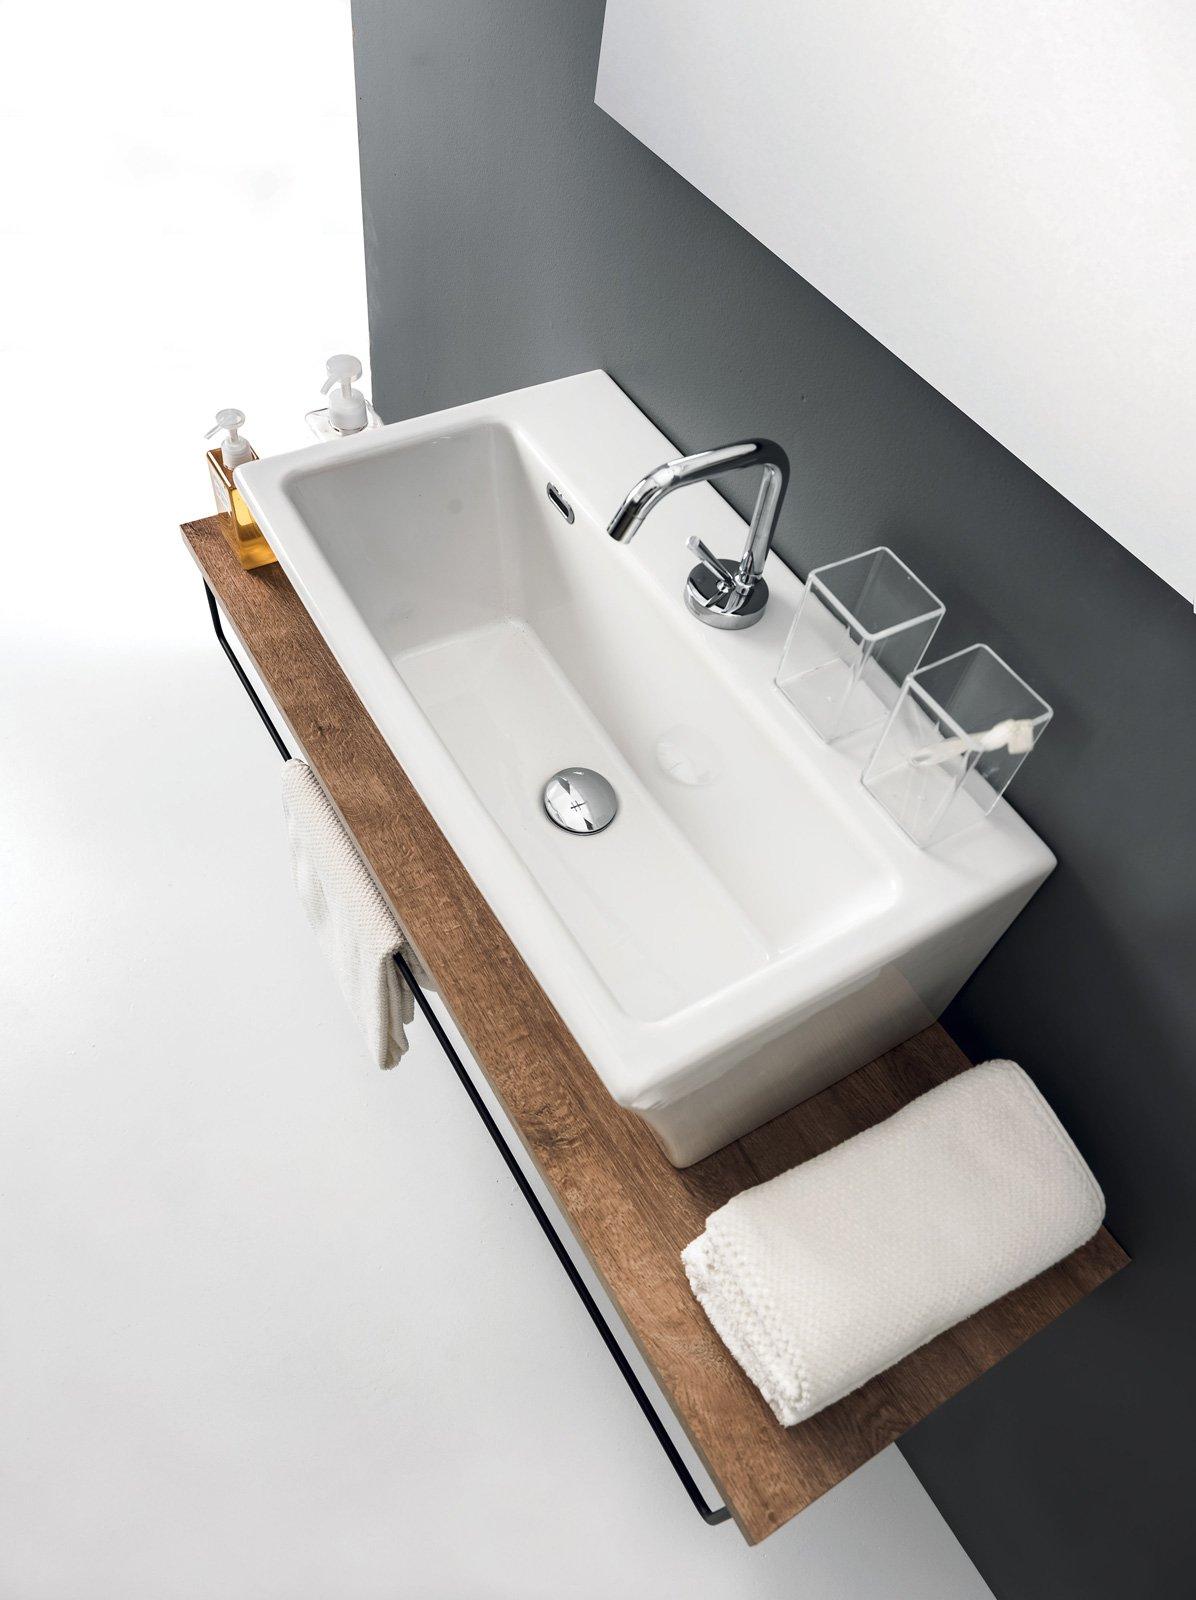 Lavabo bagno profondit 30 cm termosifoni in ghisa scheda tecnica - Termosifoni per bagno prezzi ...